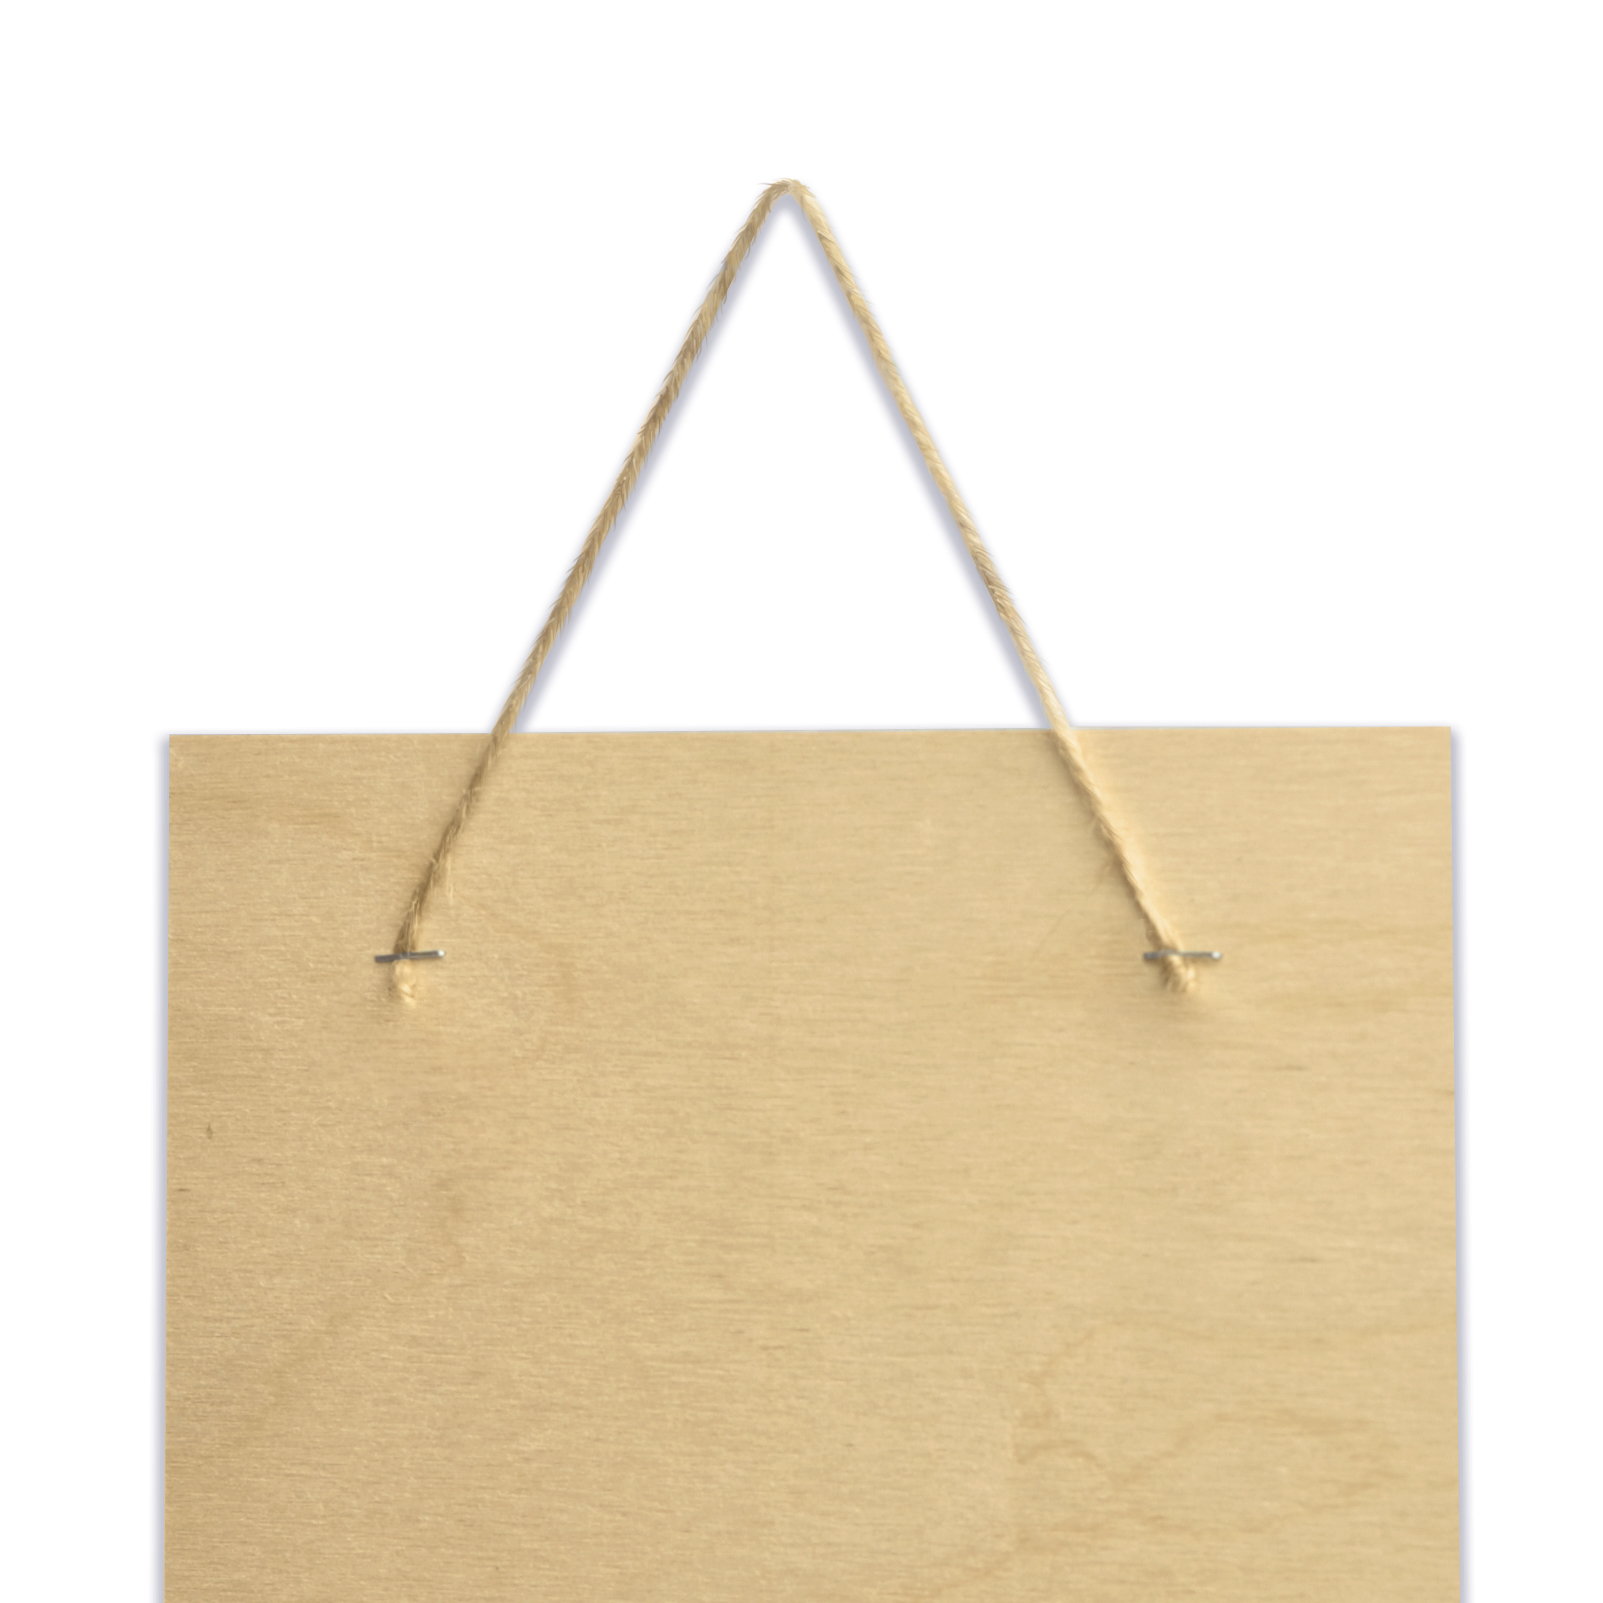 Deska z nadrukiem na prezent na Dzień Kobiet skazany ideał